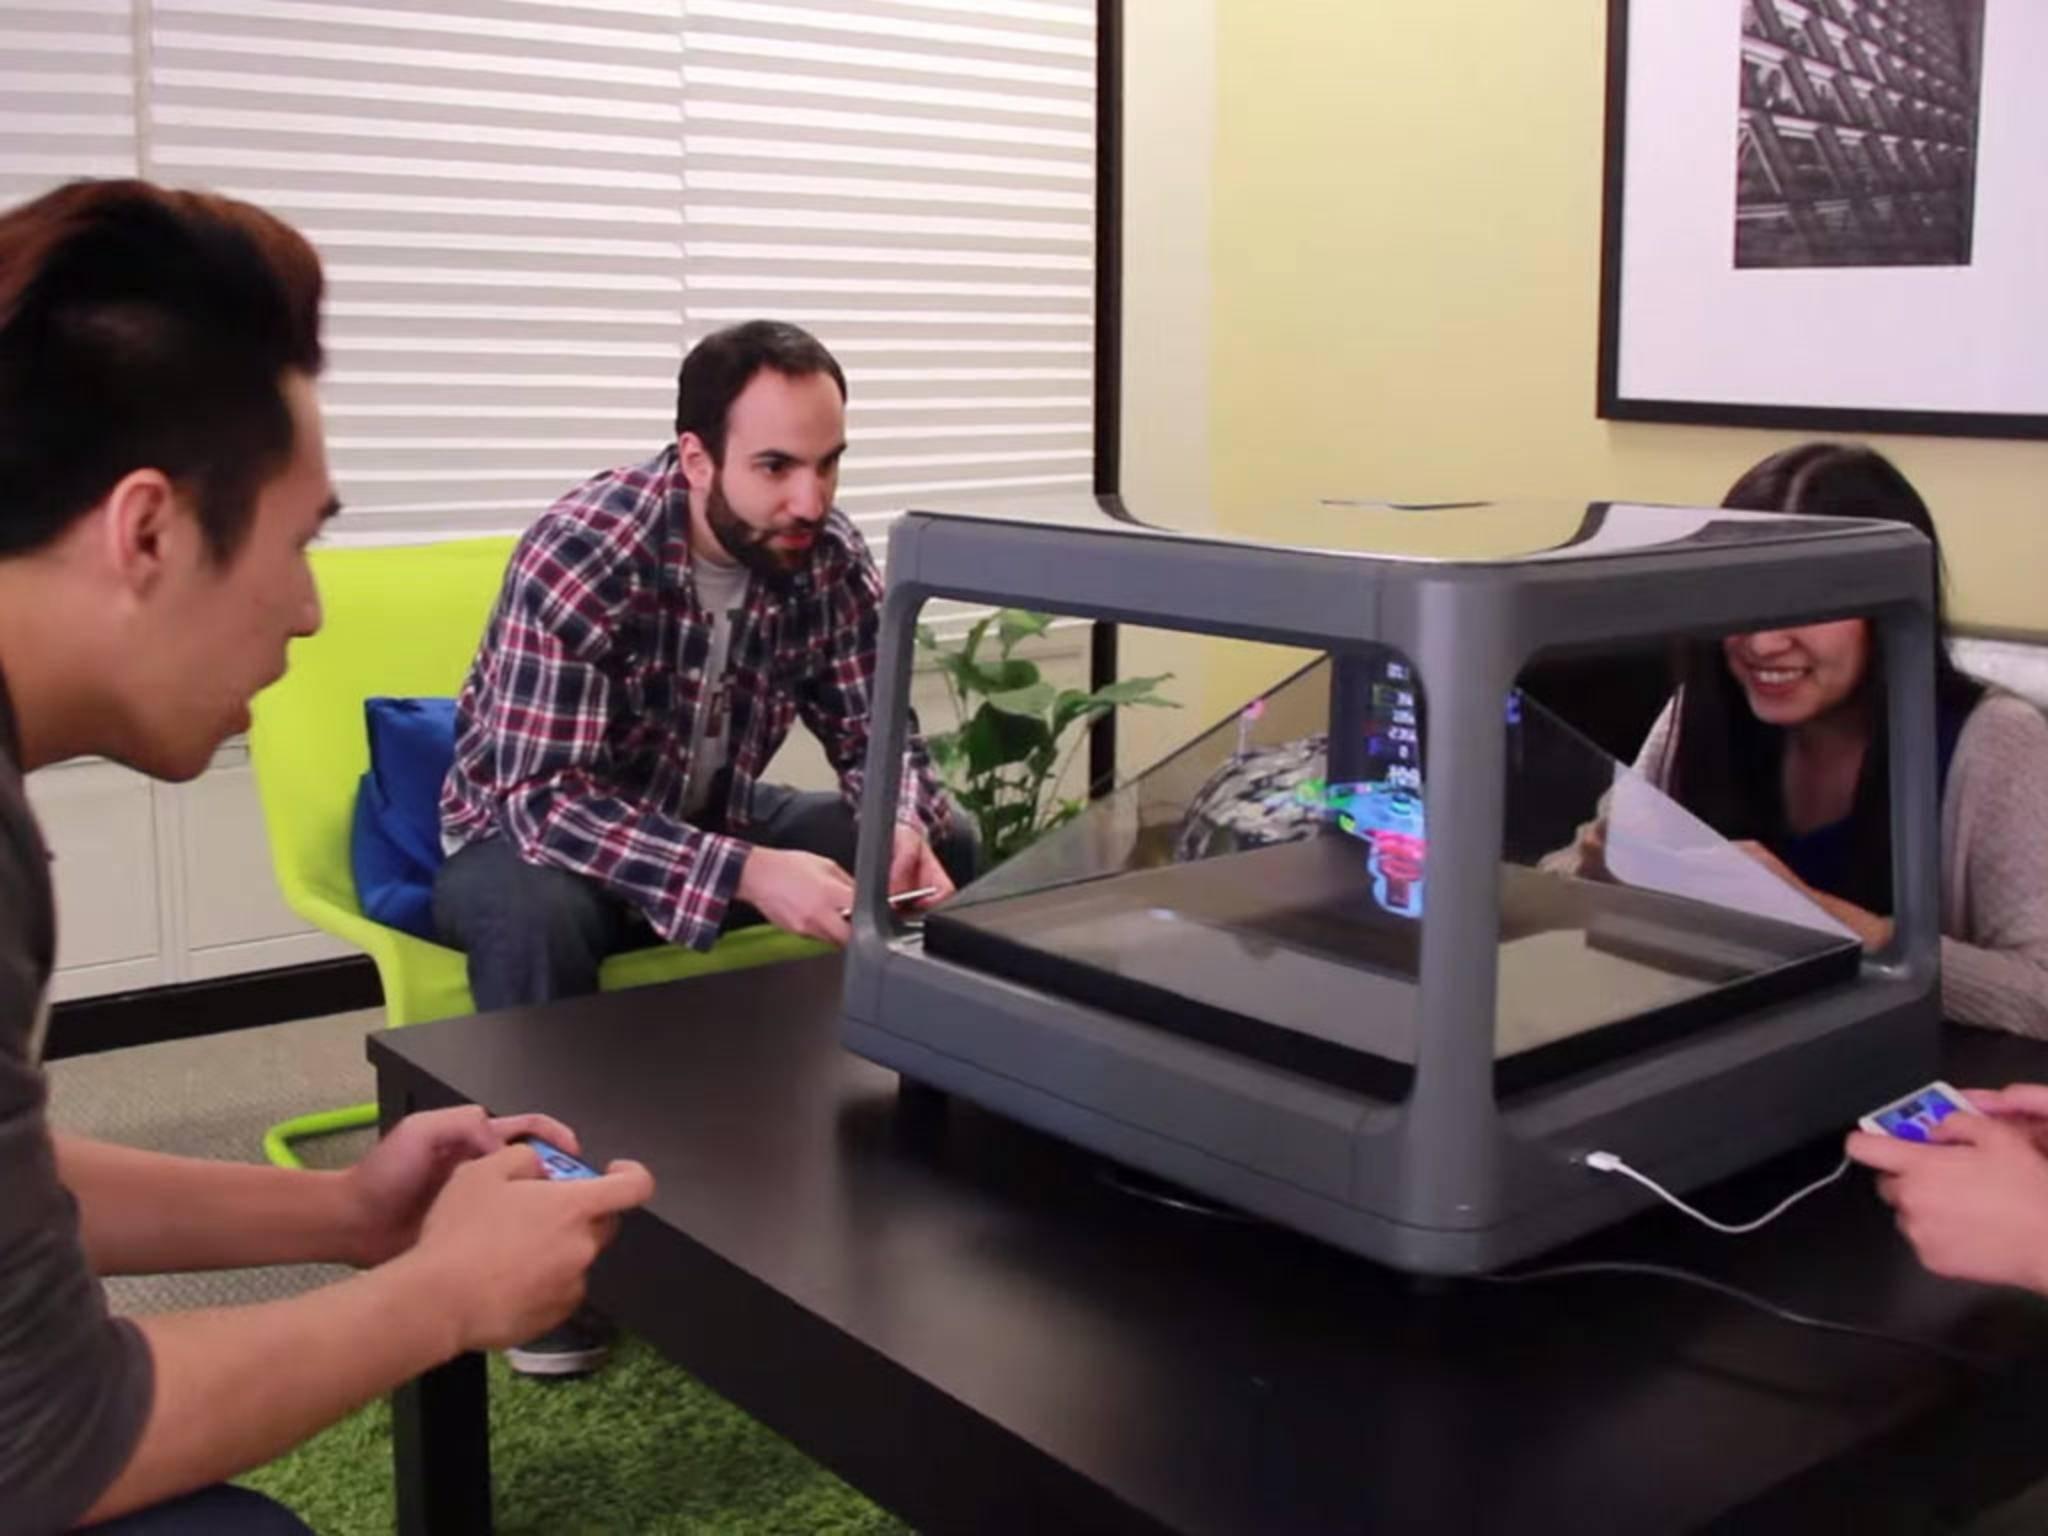 Holus: Eine Idee für ein neues Nintendo-Konzept?